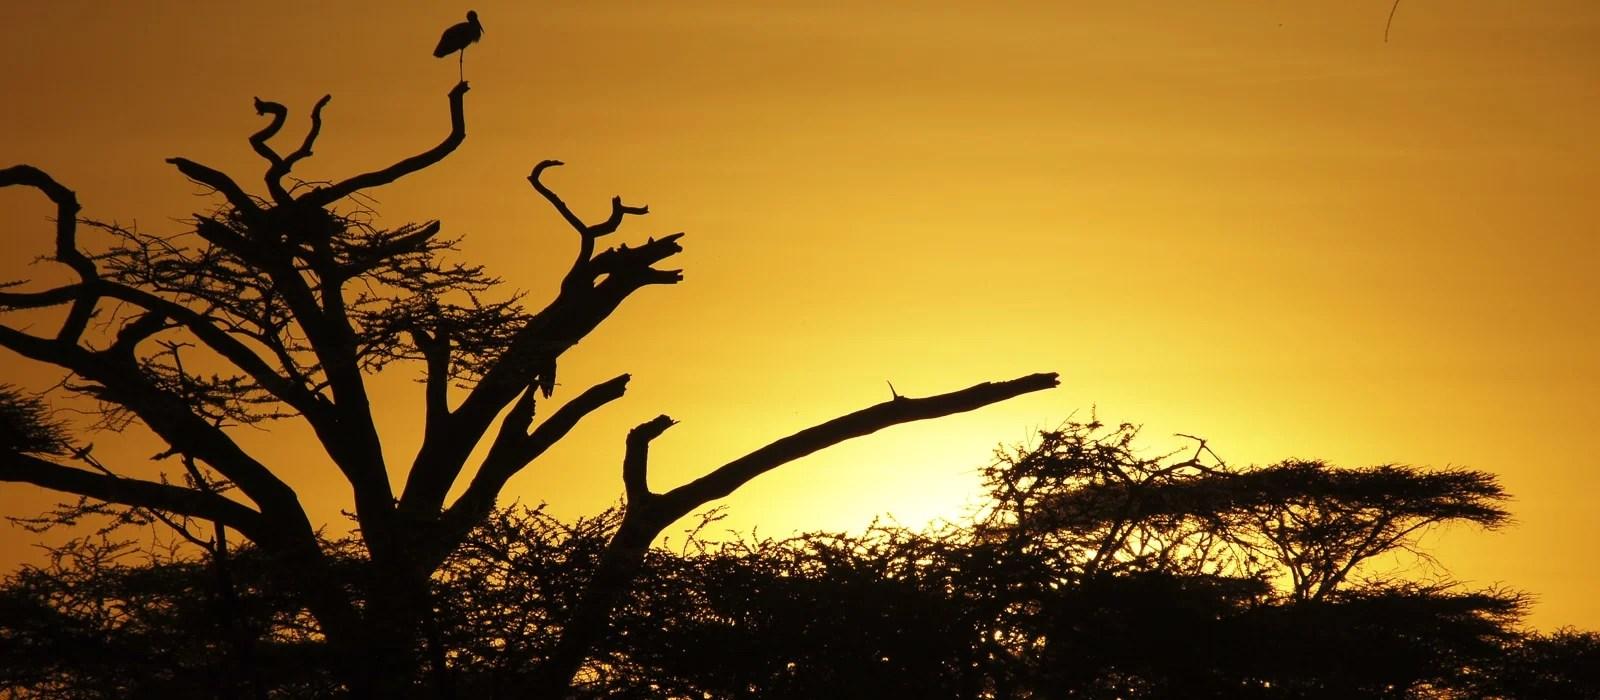 img-diapo-entete - Tanzanie-1600x700-12.jpg